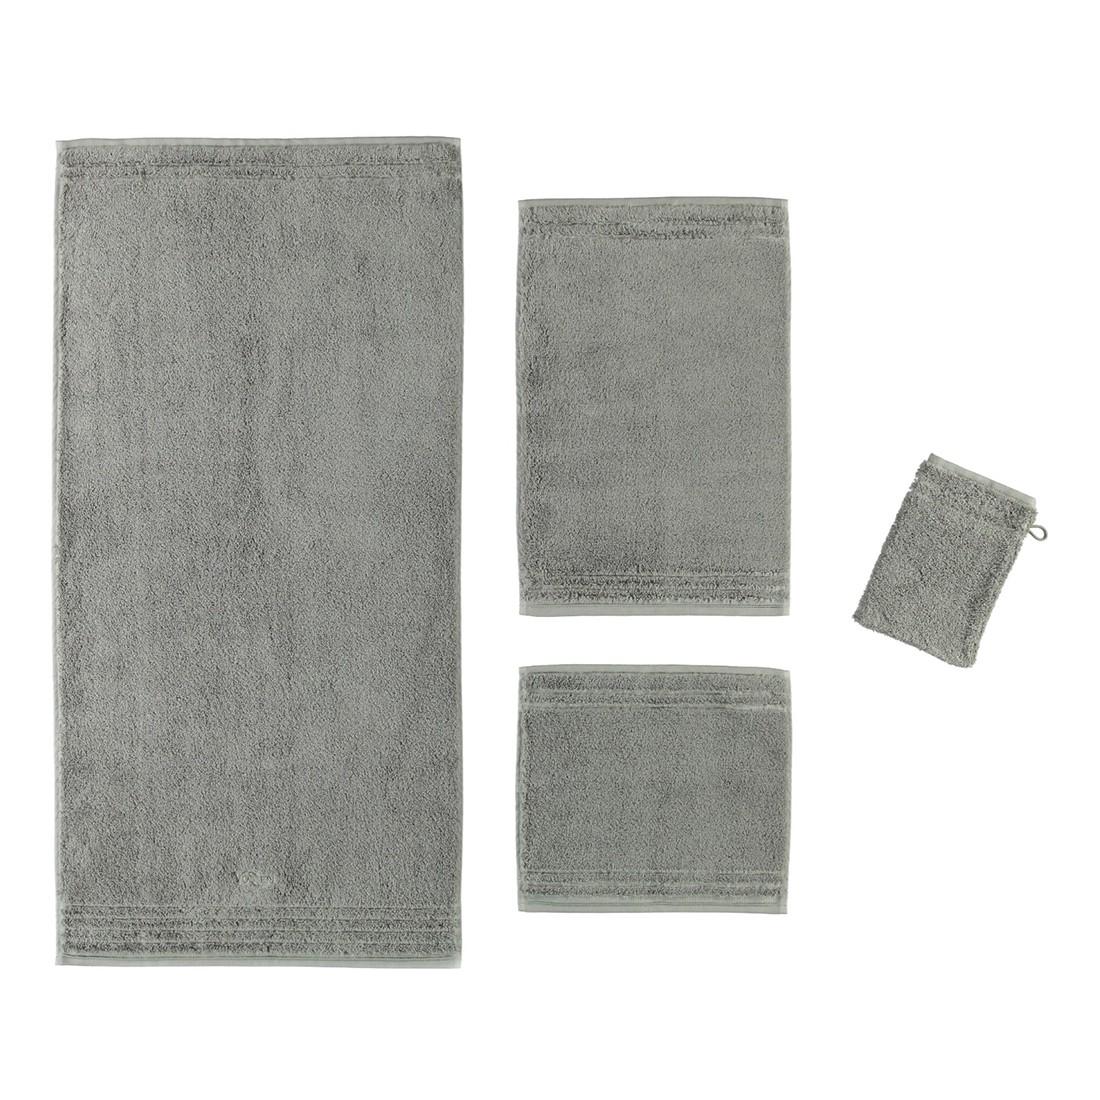 Handtuch Vienna Style Supersoft – 100% Baumwolle pepple- Stone – 747 – Duschtuch: 67×140 cm, Vossen online bestellen